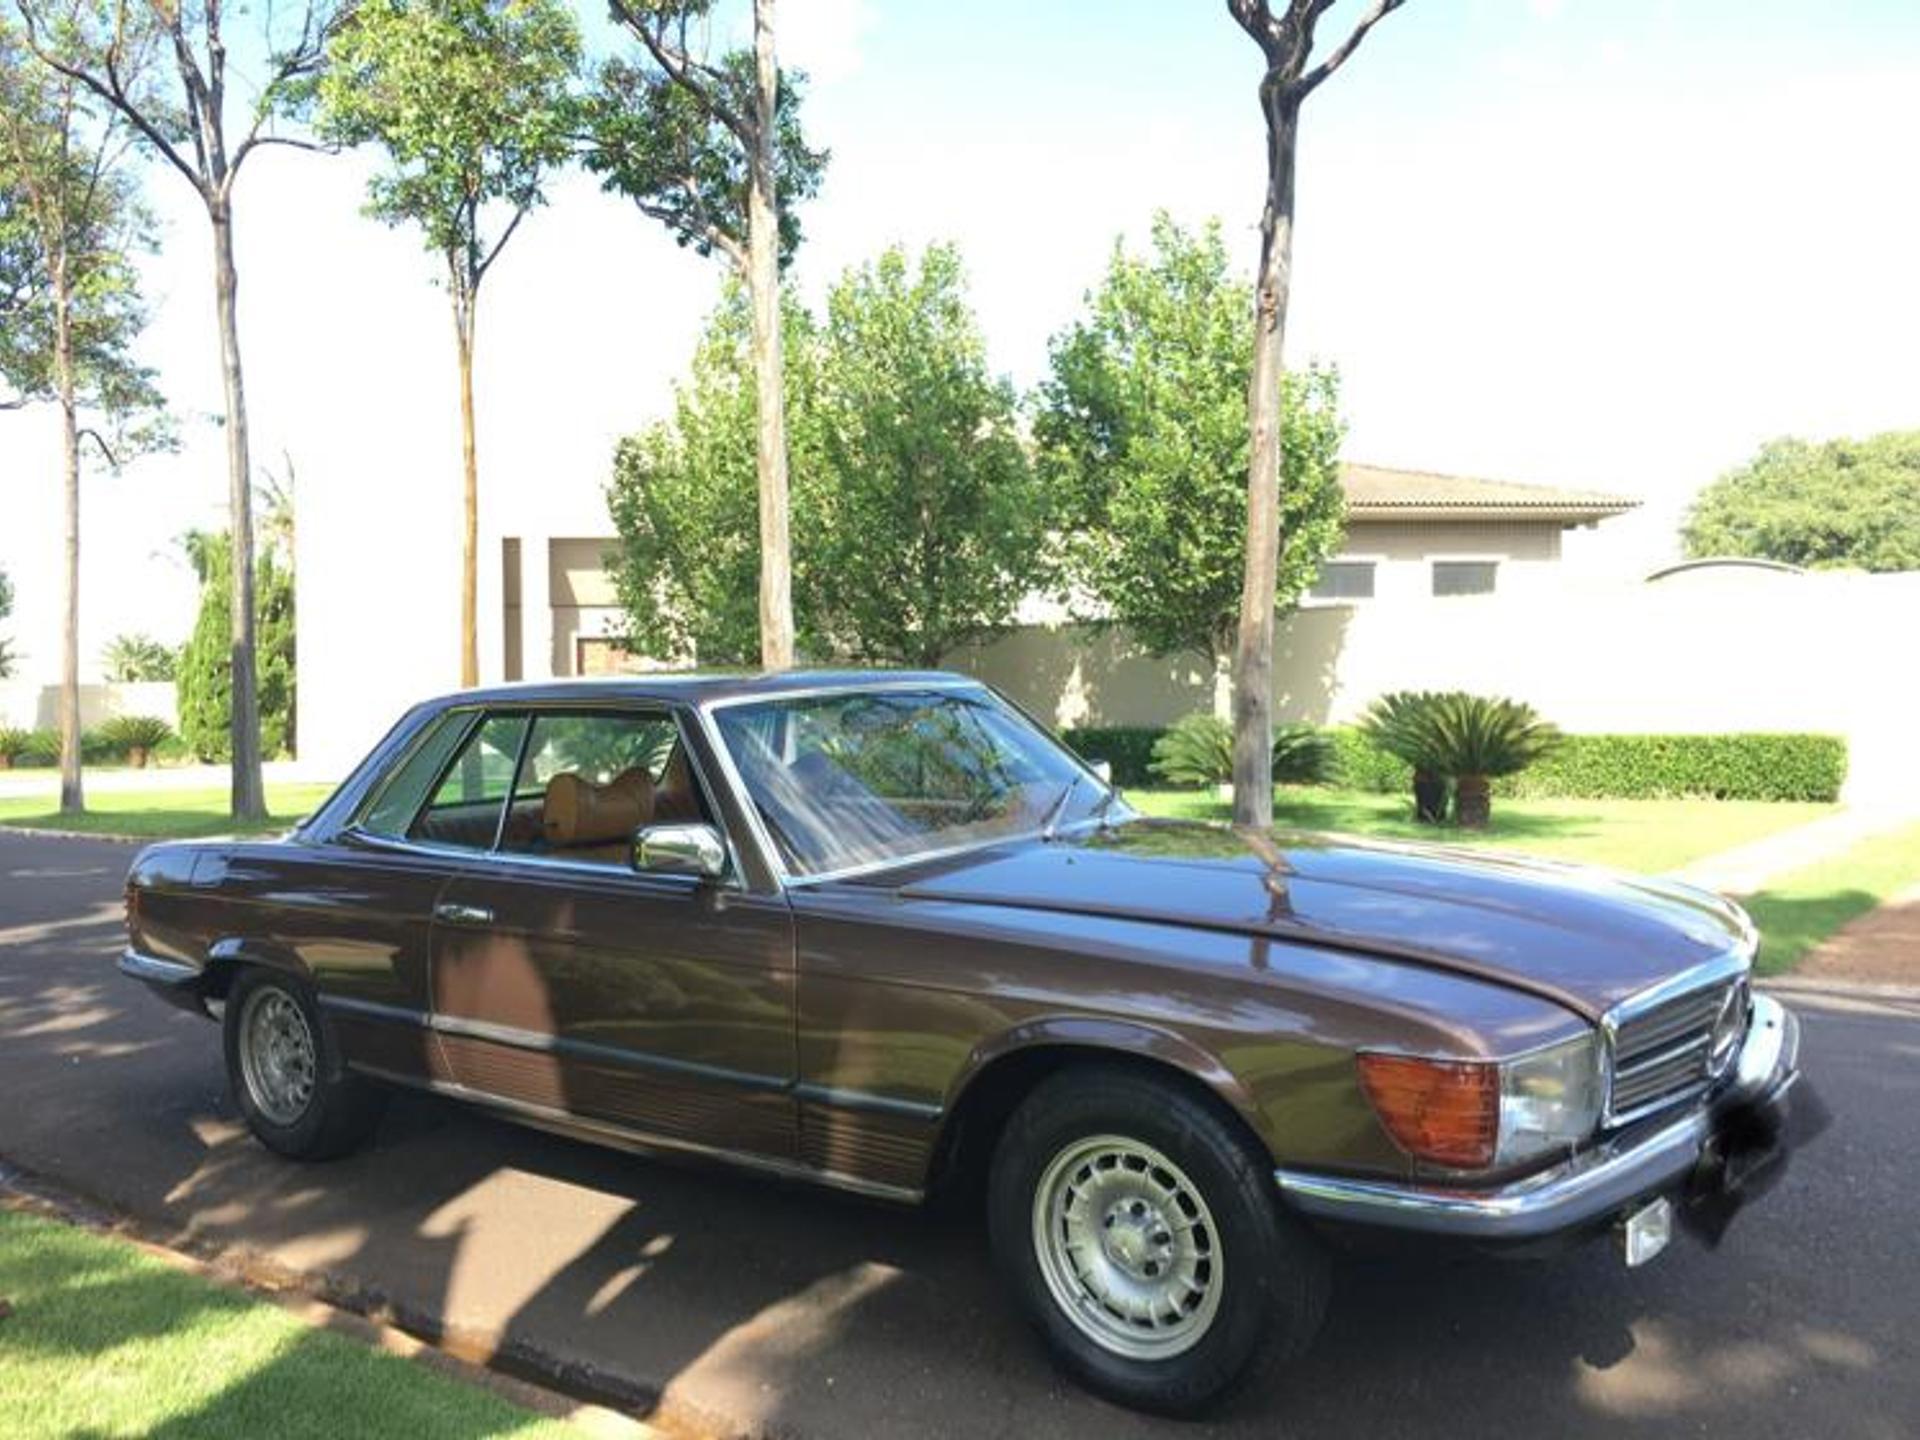 C107 SLC 280 1977 - R$ 100.000,00 Mercedesbenz-280-slc-2.8-i6-12v-gasolina-2p-automatico-wmimagem11105430543